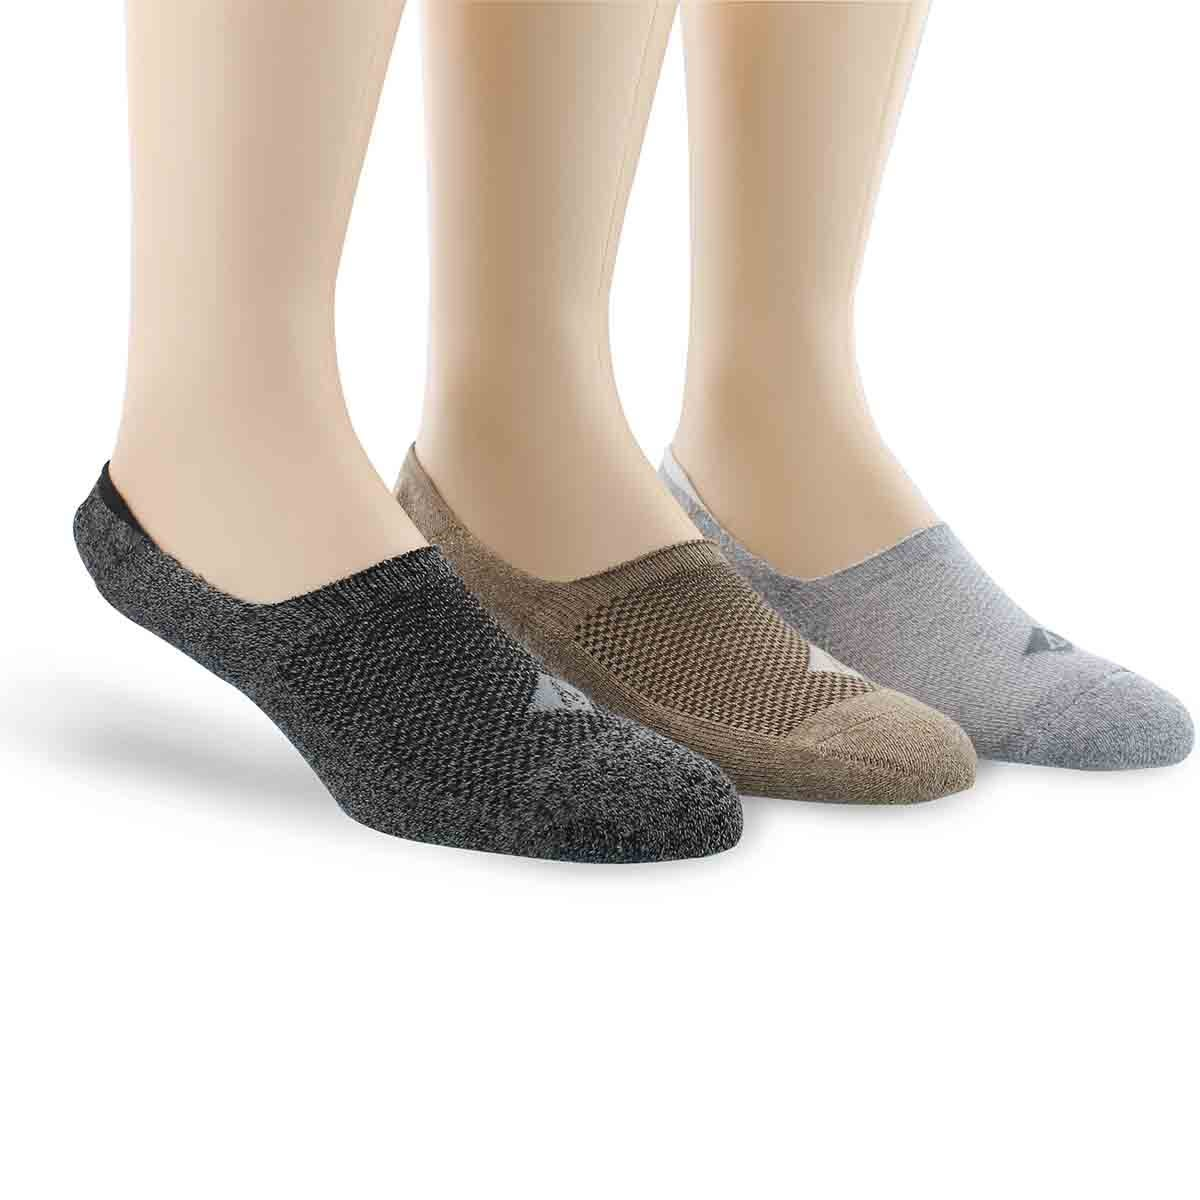 Socquettes SOLID MARL, noir/brun/blc, hommes - 3p